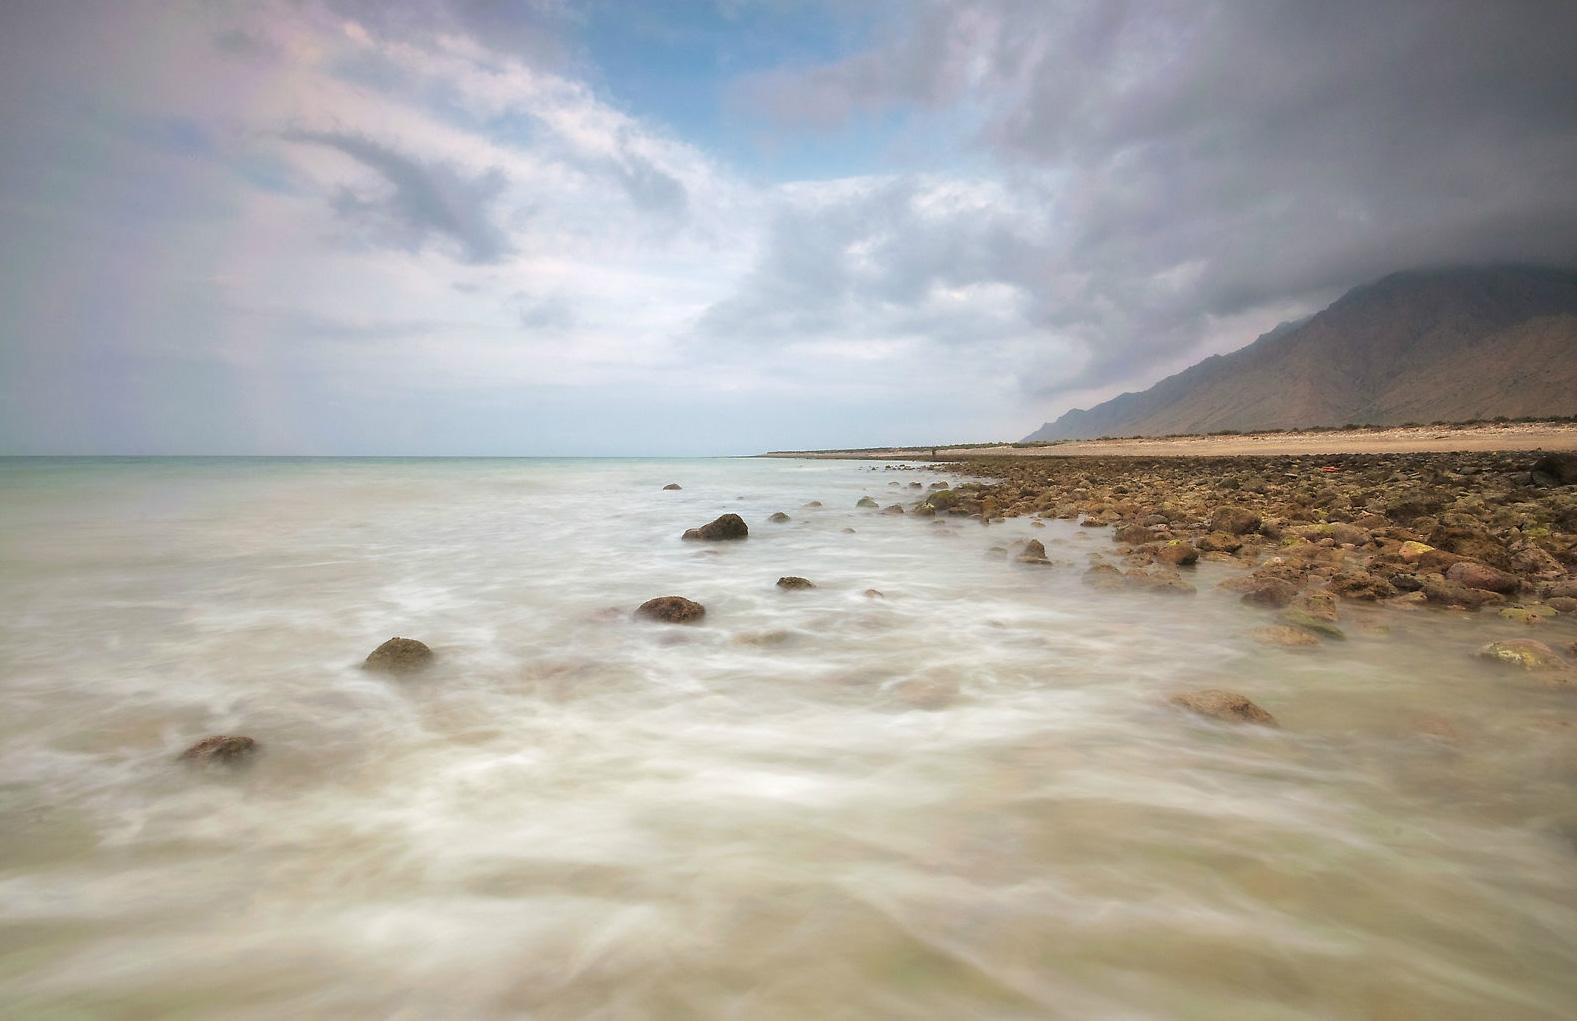 شاطئ السيفة Size:293.30 Kb Dim: 1577 x 1021